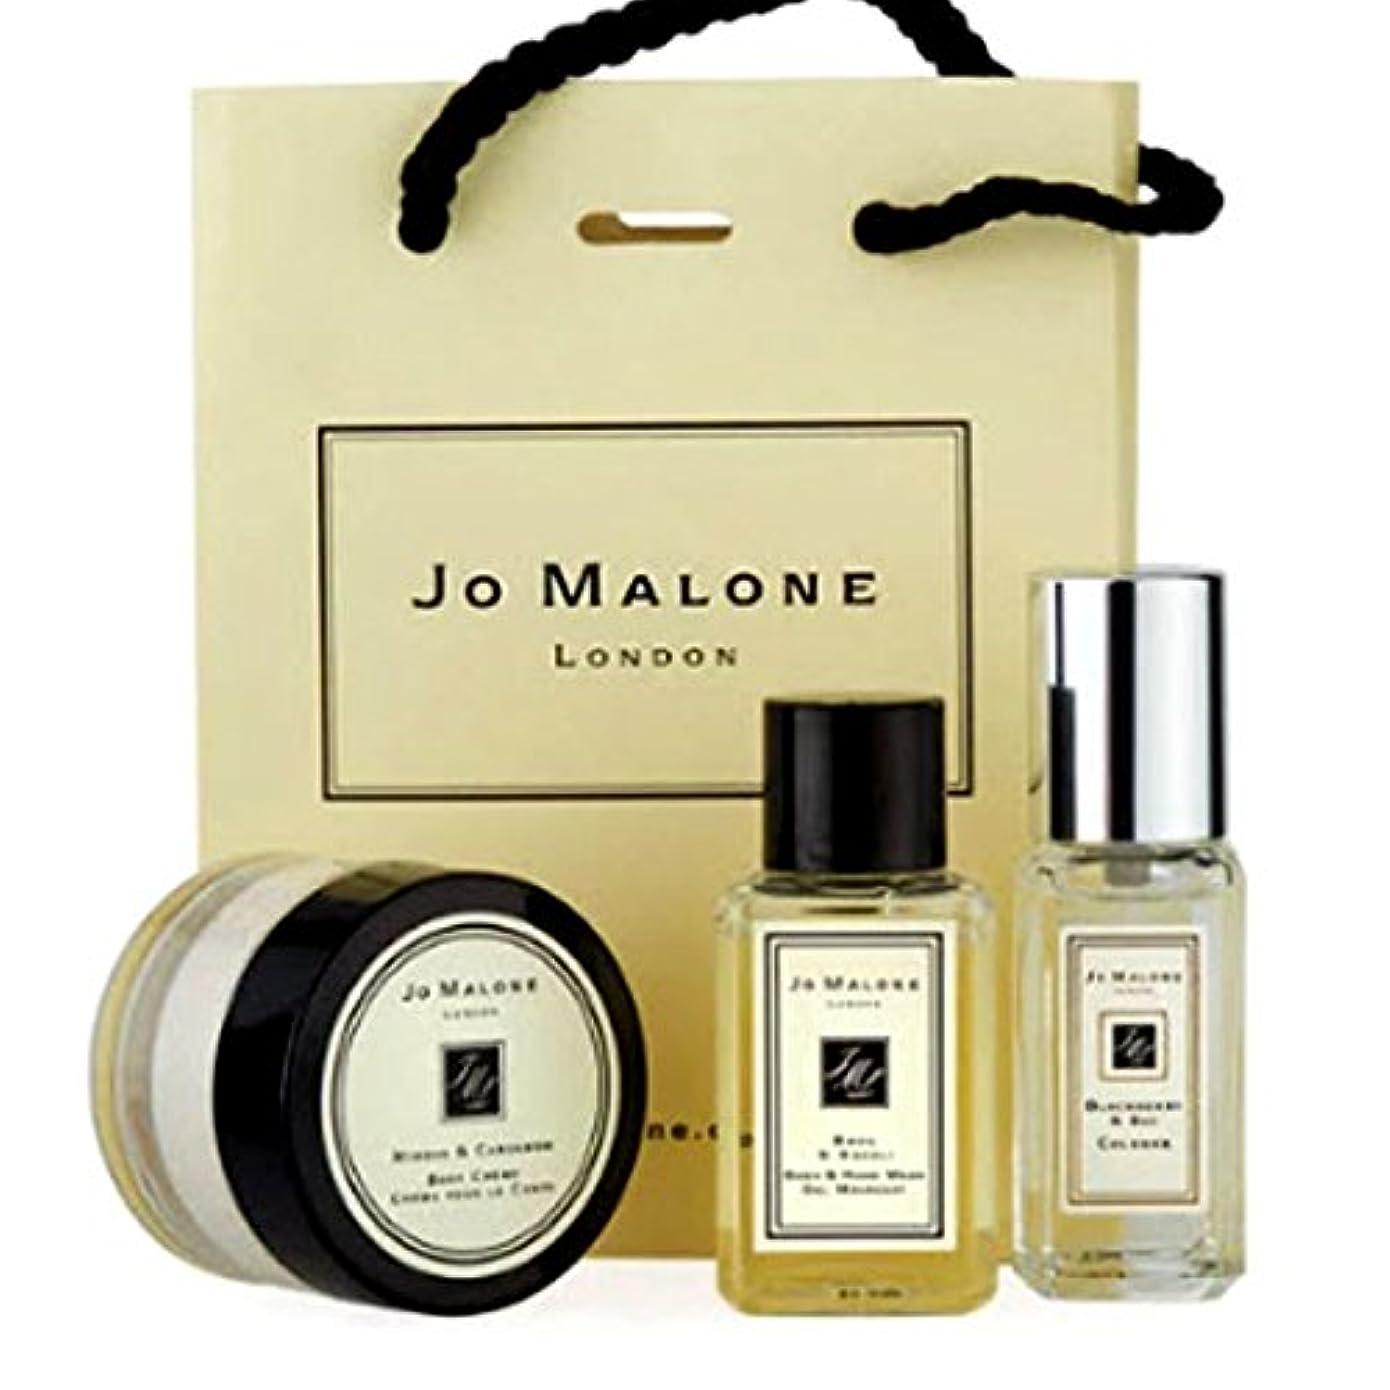 かけがえのない泣き叫ぶ例Jo Malone London ジョーマローン,Travel Size 3/set [海外直送品] [並行輸入品]